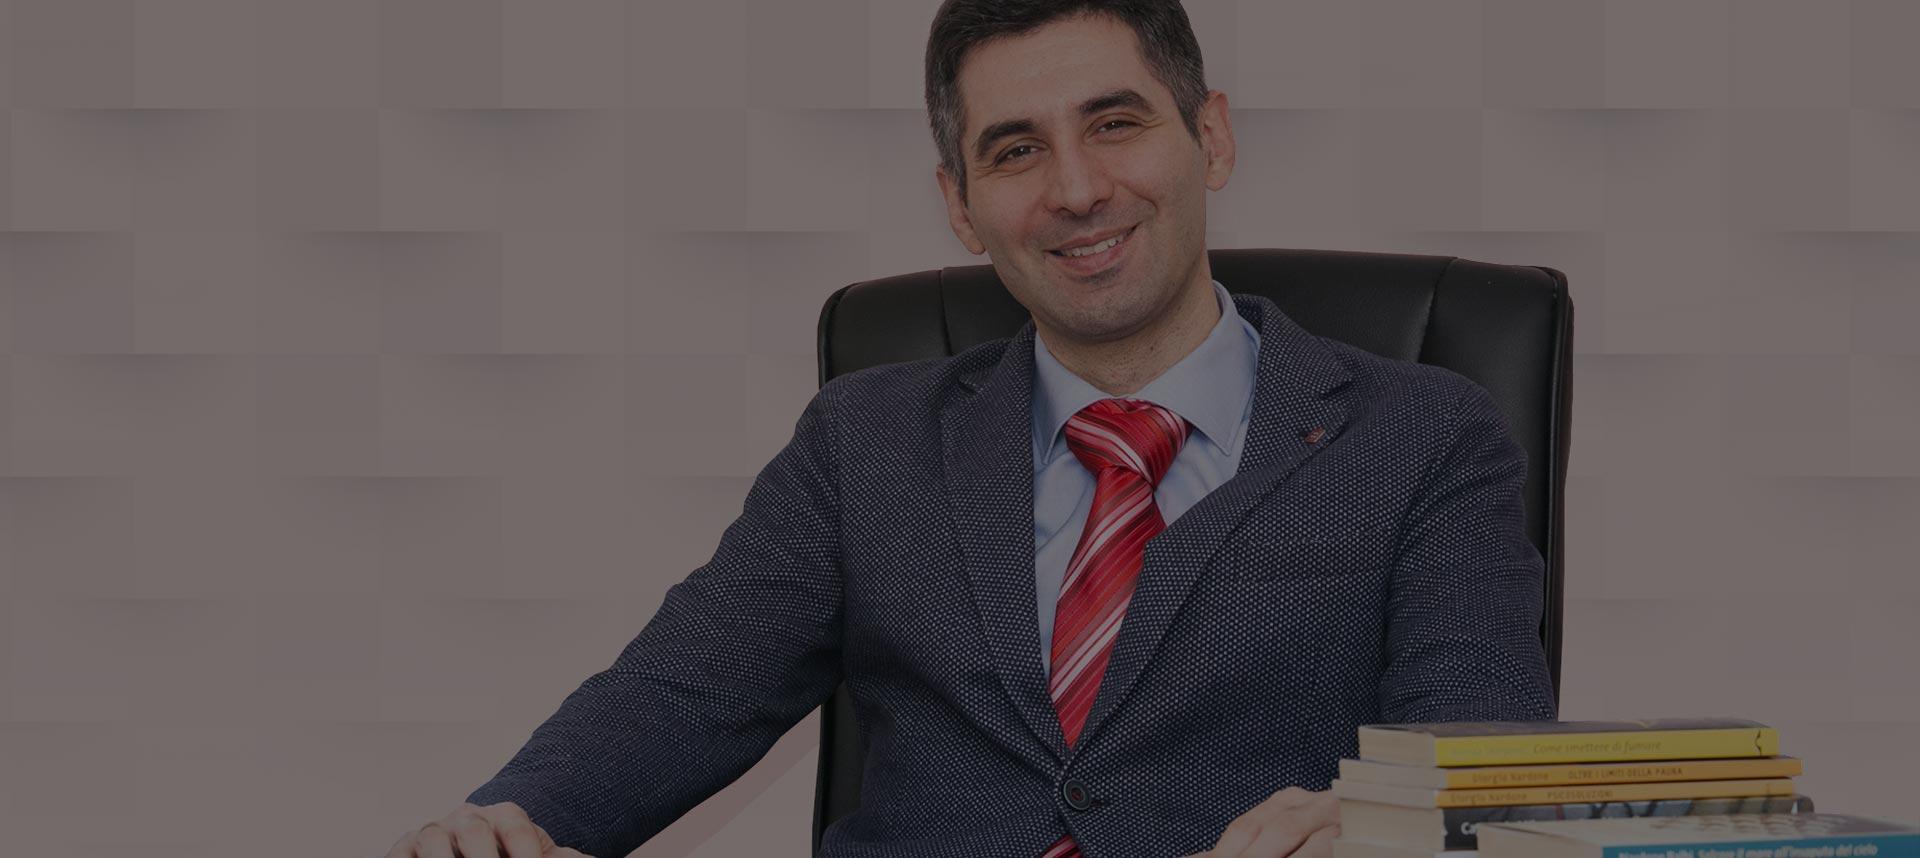 Dott. Giorgio ioimo, Psicologo Firenze